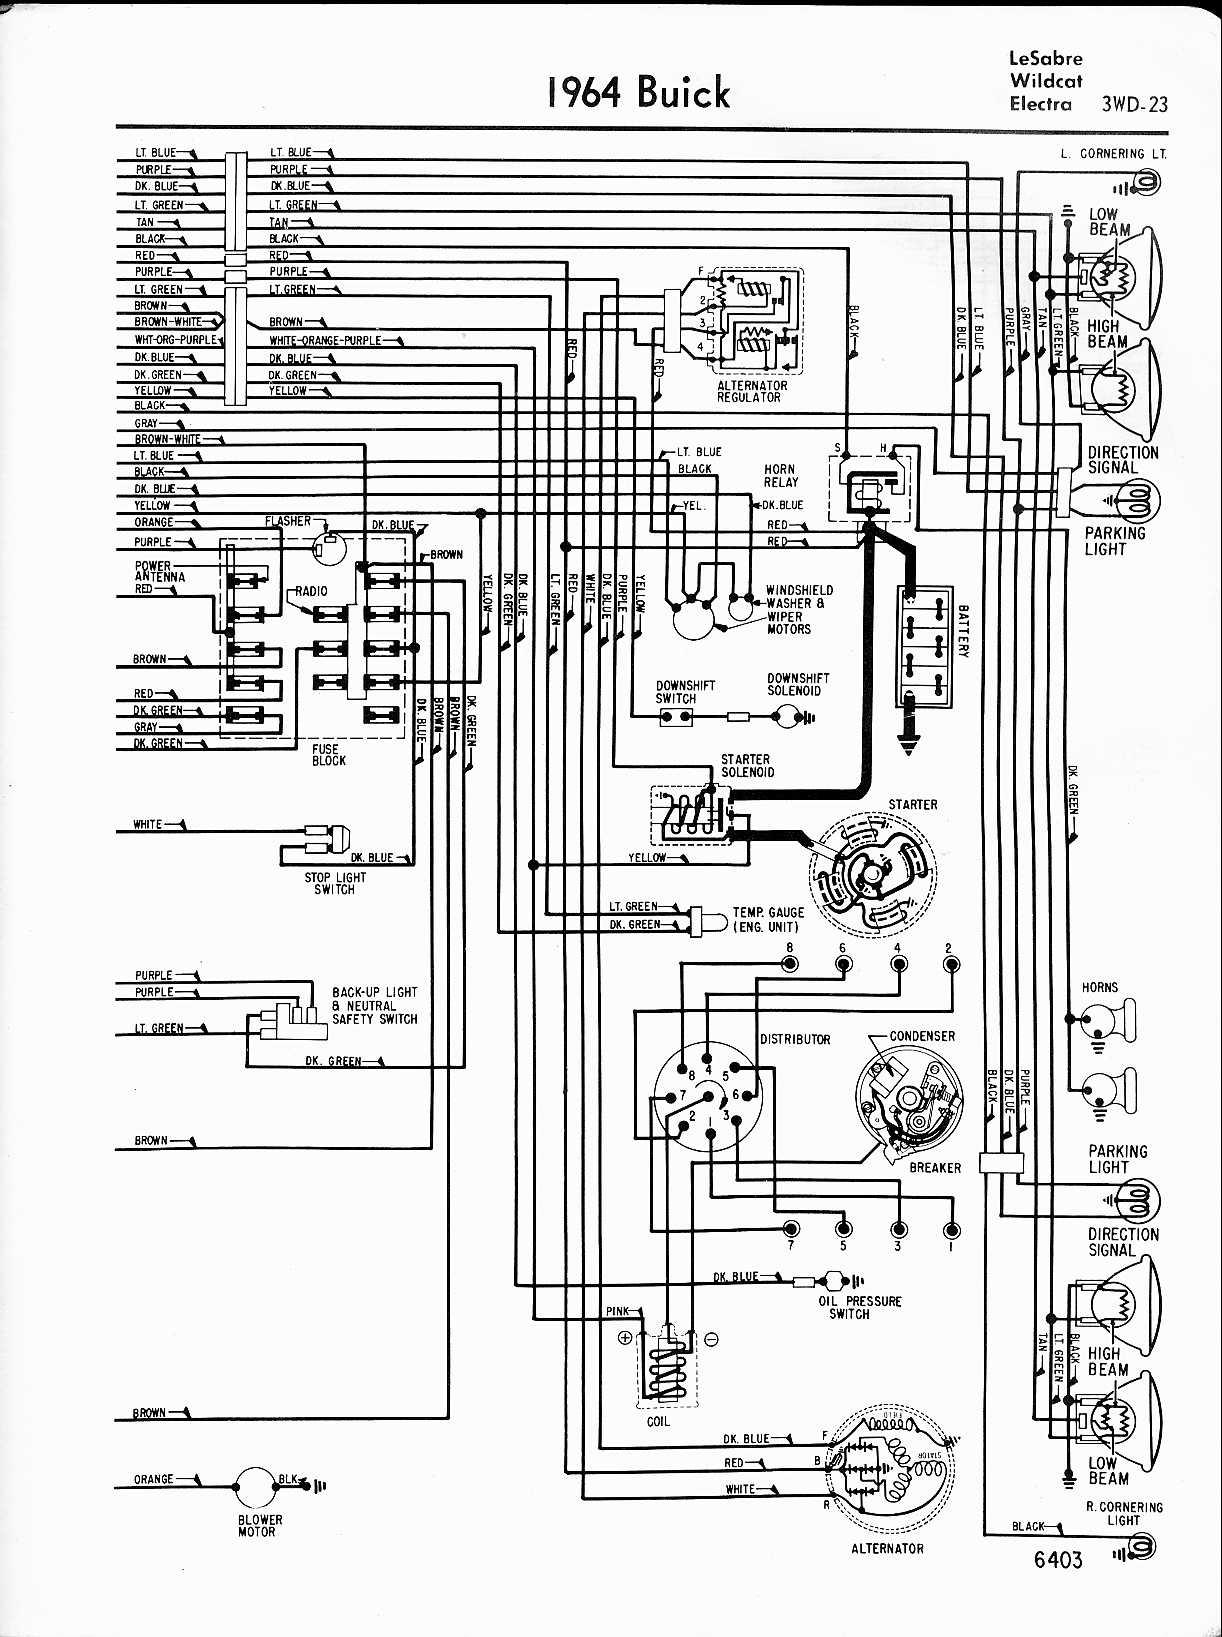 2000 Prairie 300 Wiring Diagram Gandul 457779119 – Kawasaki Zx7r Wiring-diagram